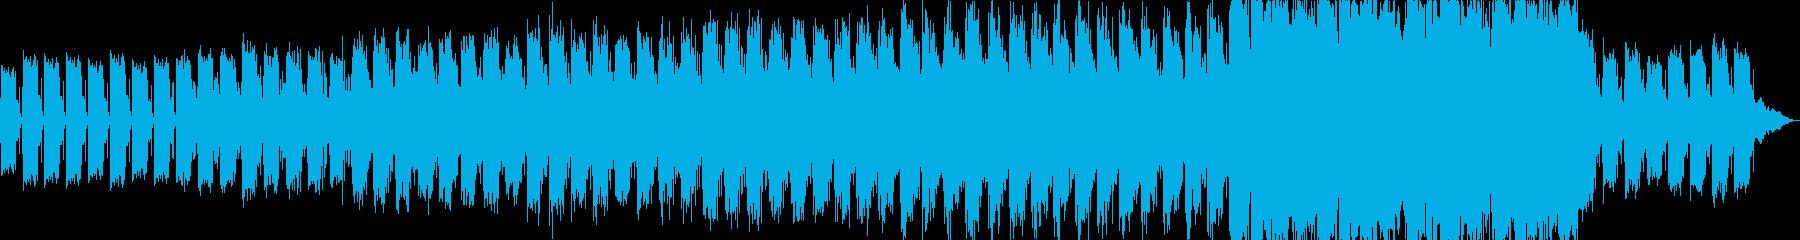 映画音楽、シネマティック映像向け-14の再生済みの波形